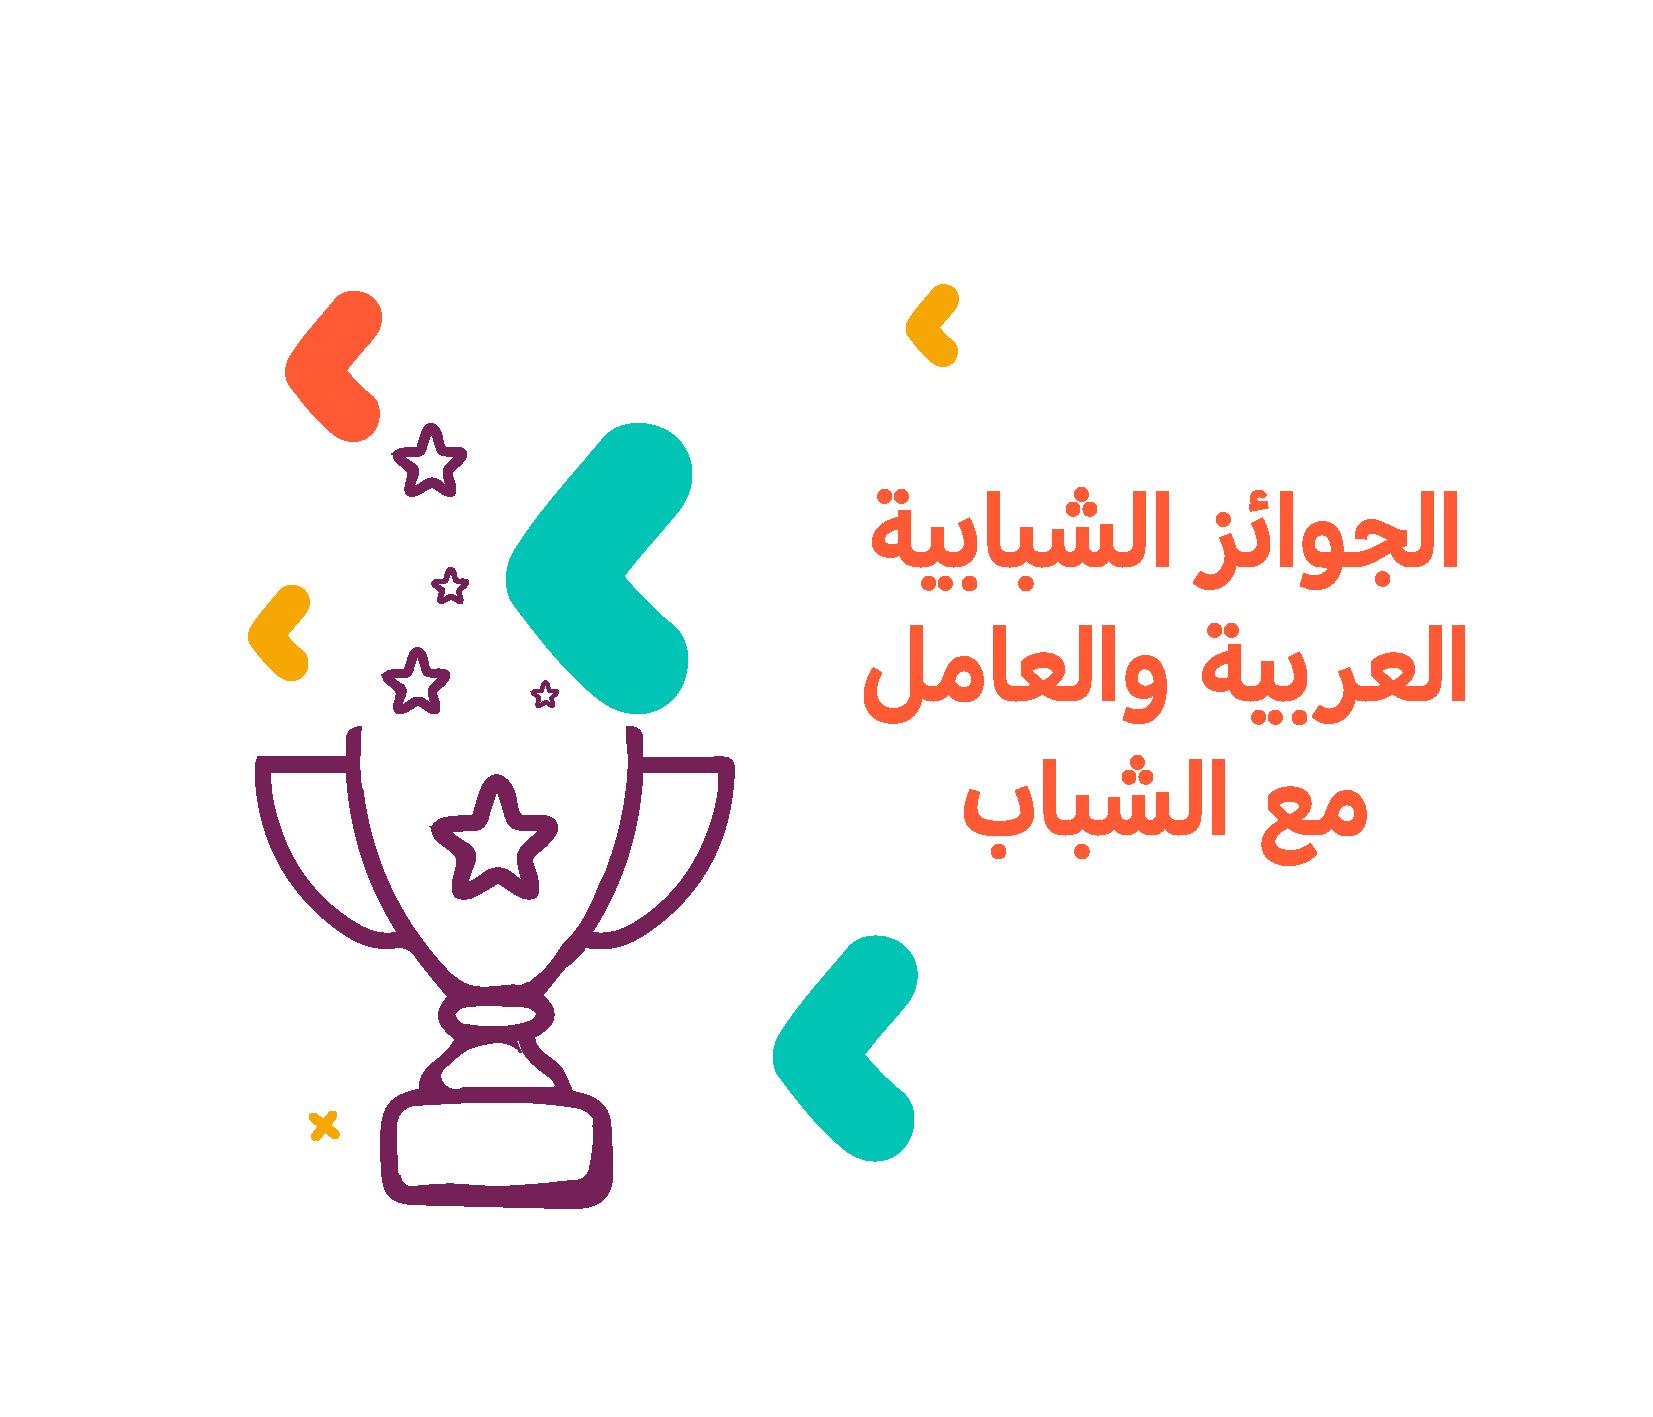 الجوائز الشبابية العربية.. والعامل مع الشباب